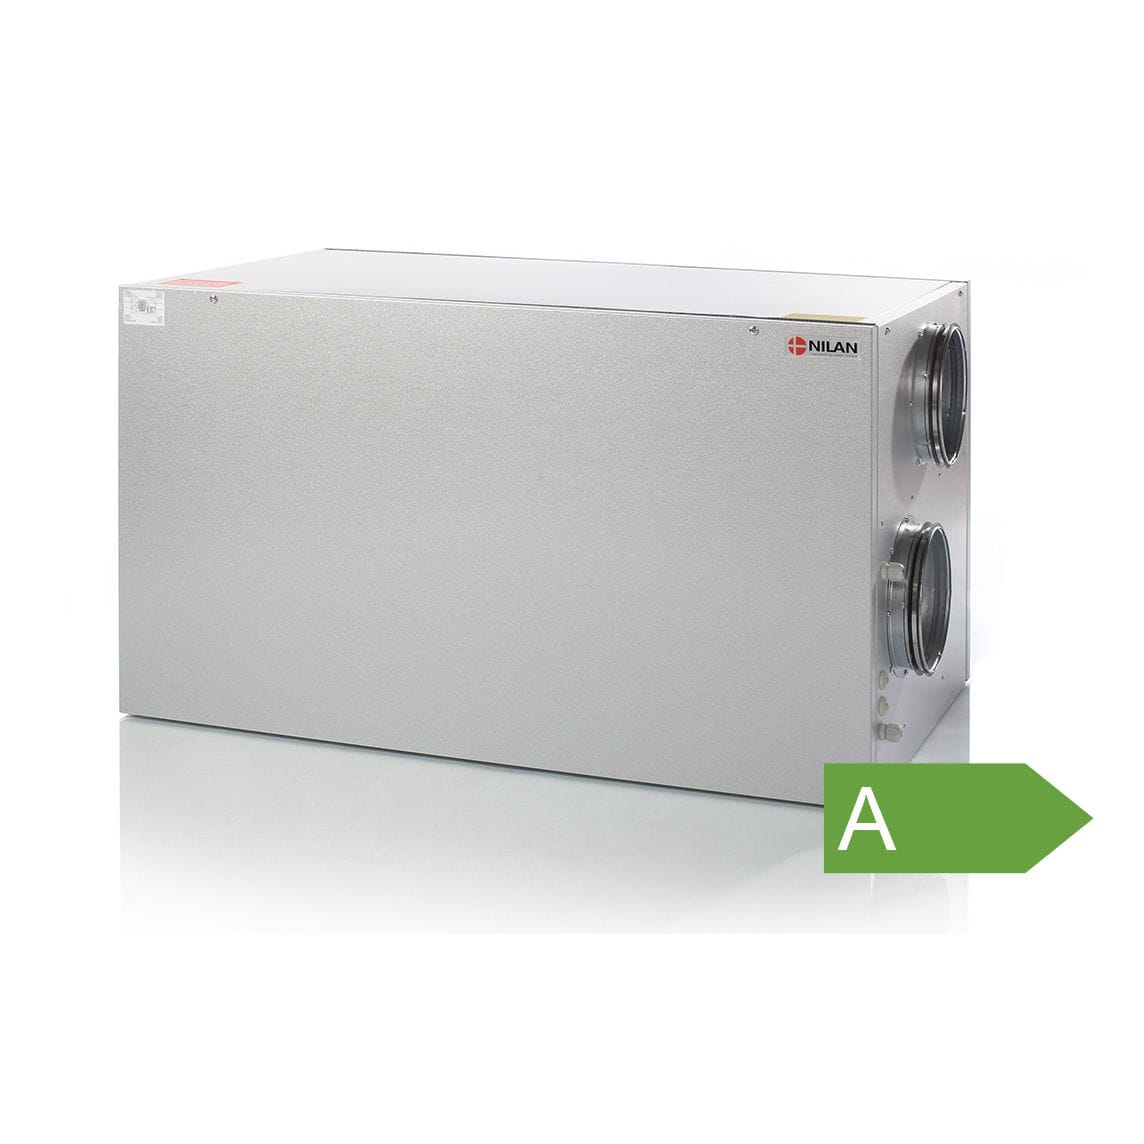 Pompa Di Calore Per Bagno unità di ventilazione centralizzato - comfort 450 - nilan a